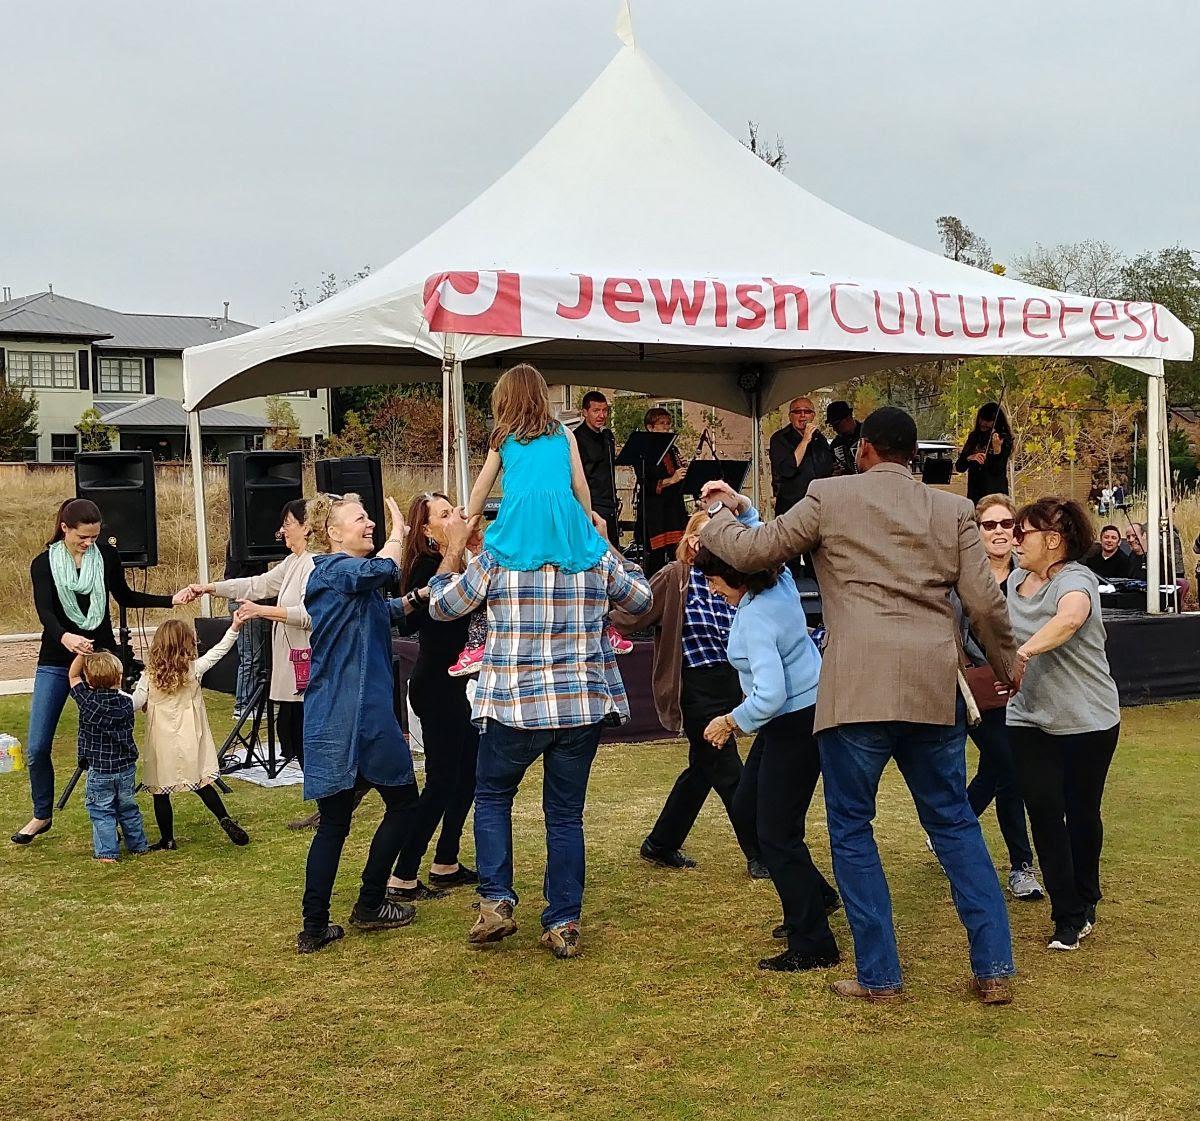 Jewish Culture Fest @ Levy Park